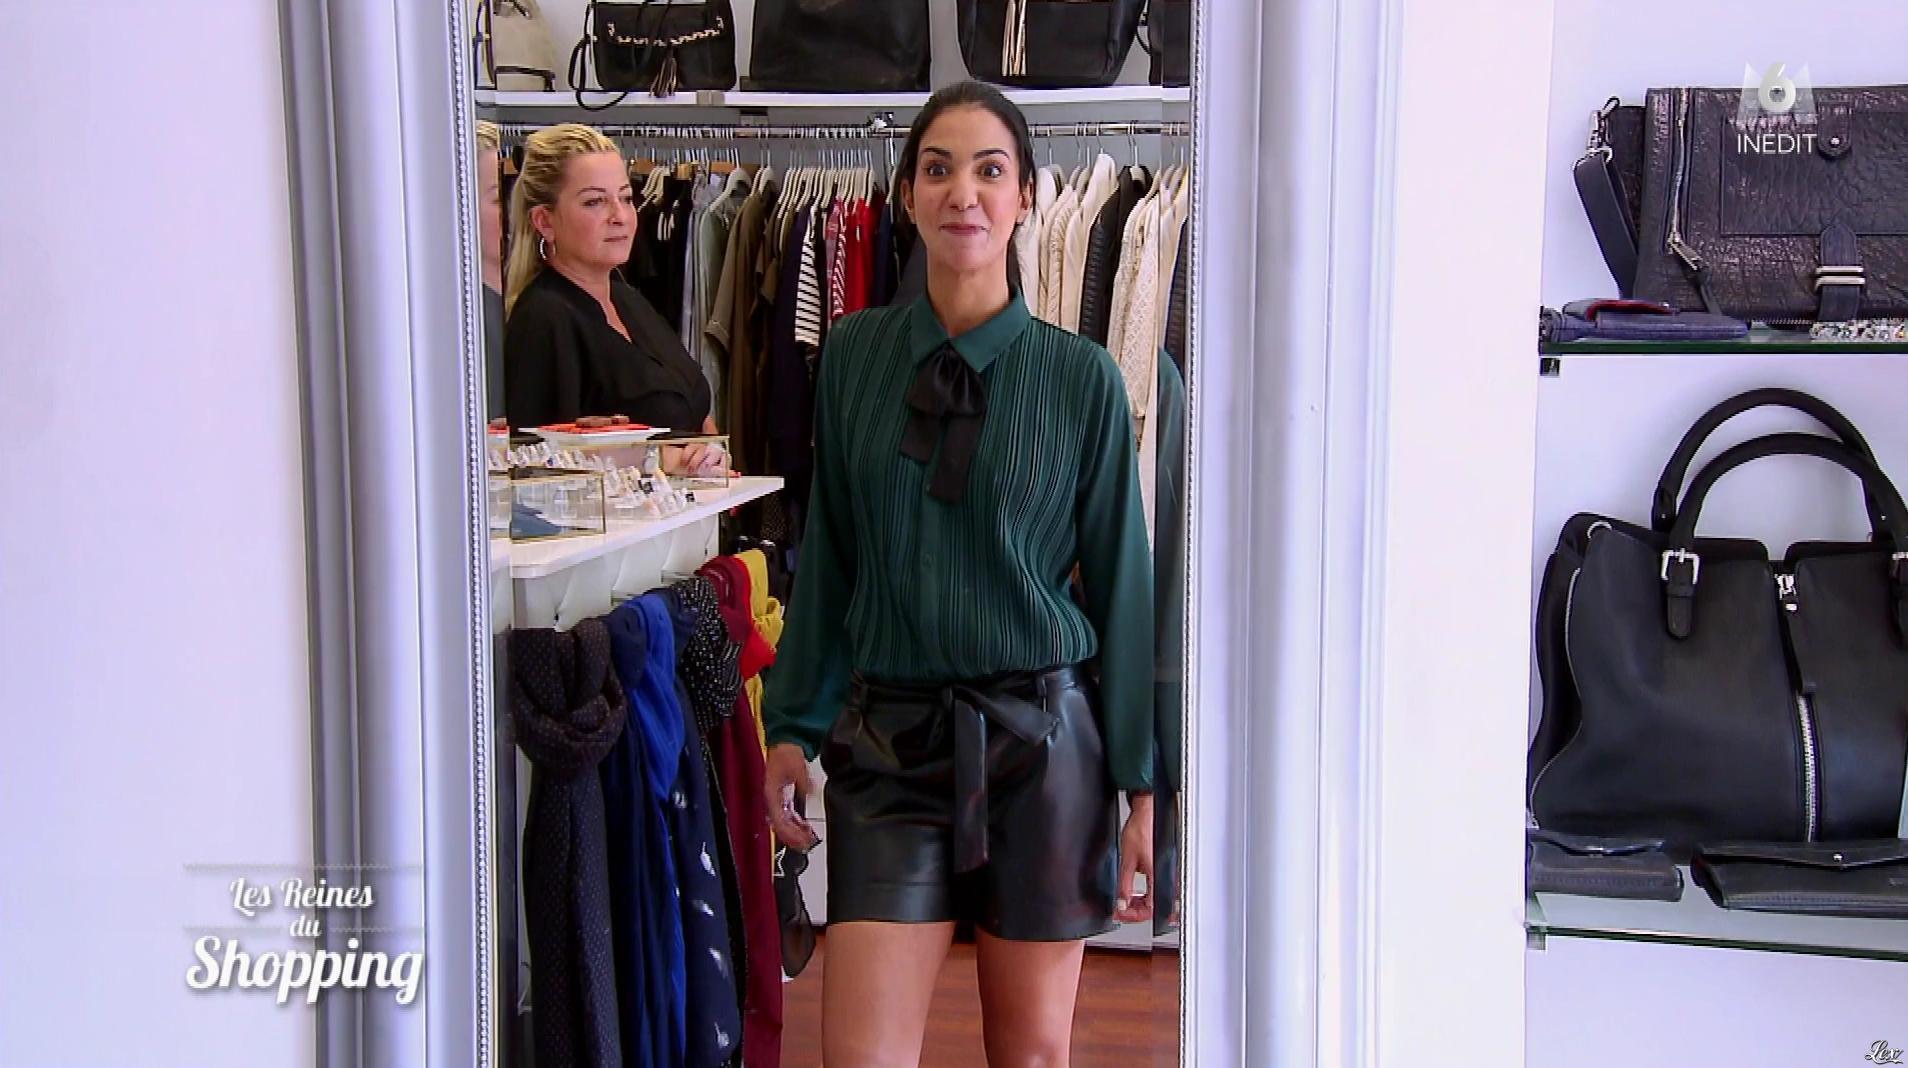 Une Candidate dans les Reines du Shopping. Diffusé à la télévision le 10/02/17.